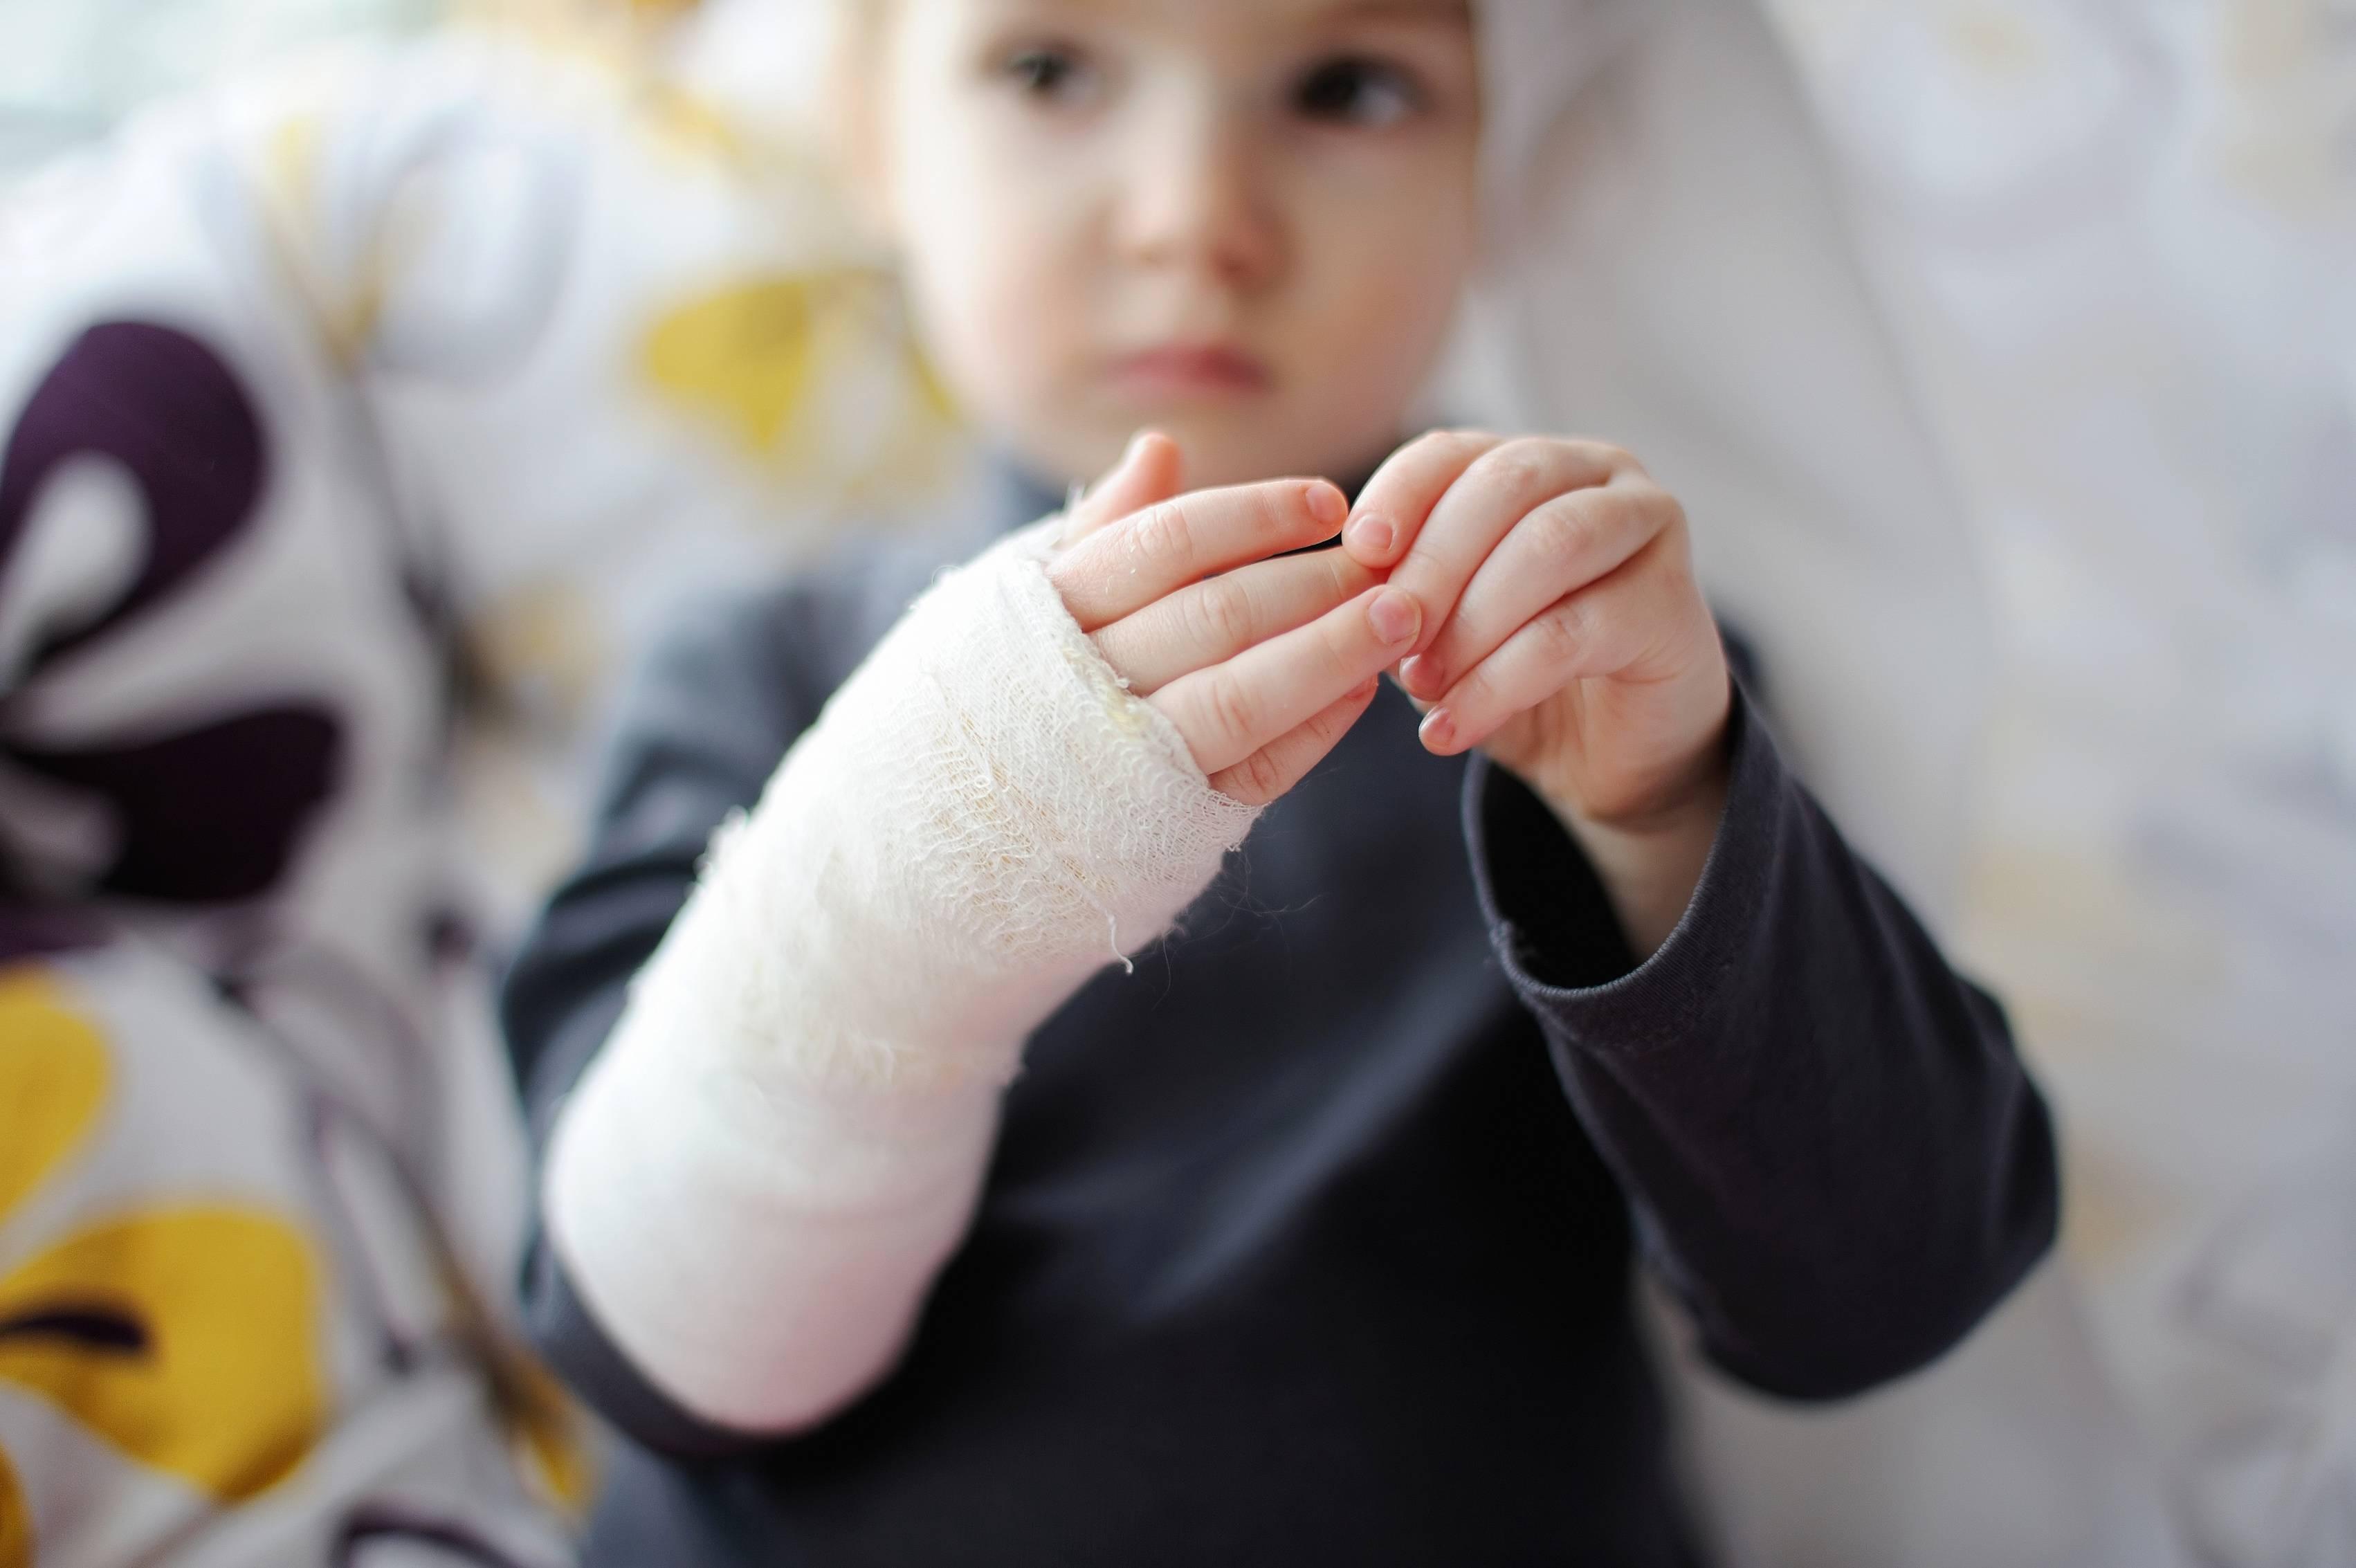 Ожоги у детей - ожоги второй степени у детей - запись пользователя надежда (id766256) в сообществе зимняя забота - babyblog.ru